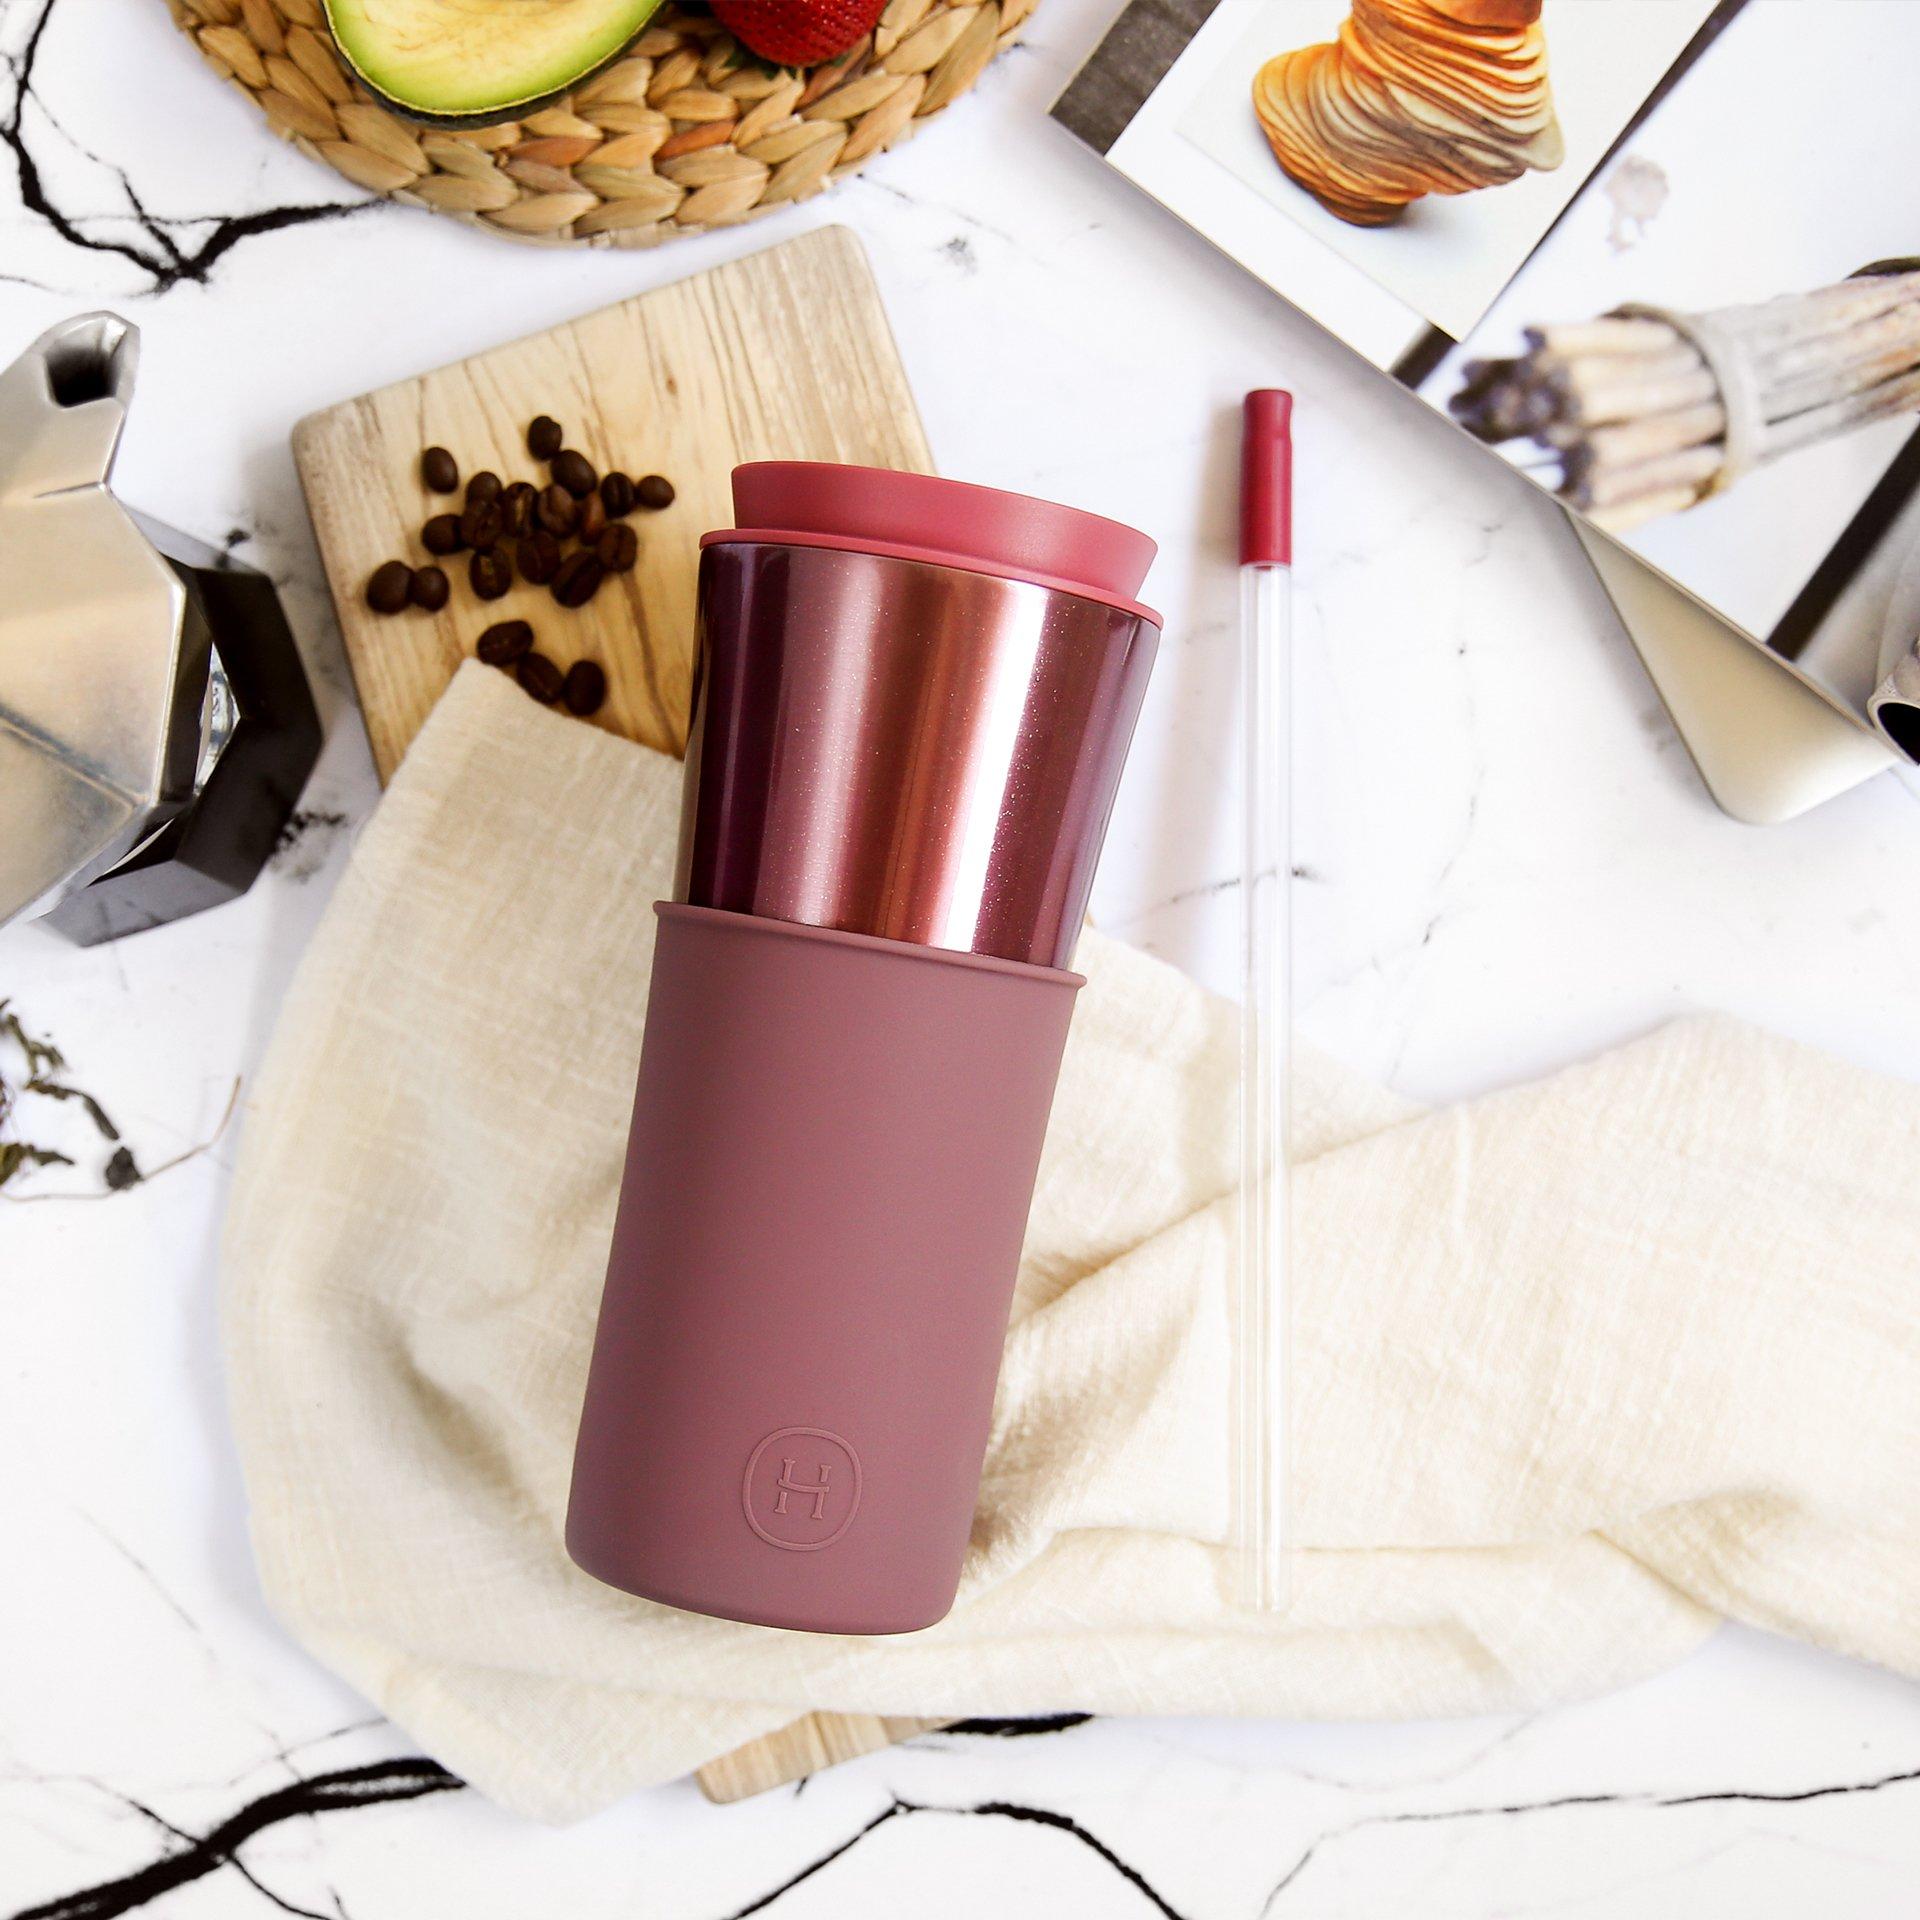 美國 HYDY 兩用隨行保溫杯 450ml 玫瑰金杯 (乾燥玫瑰)